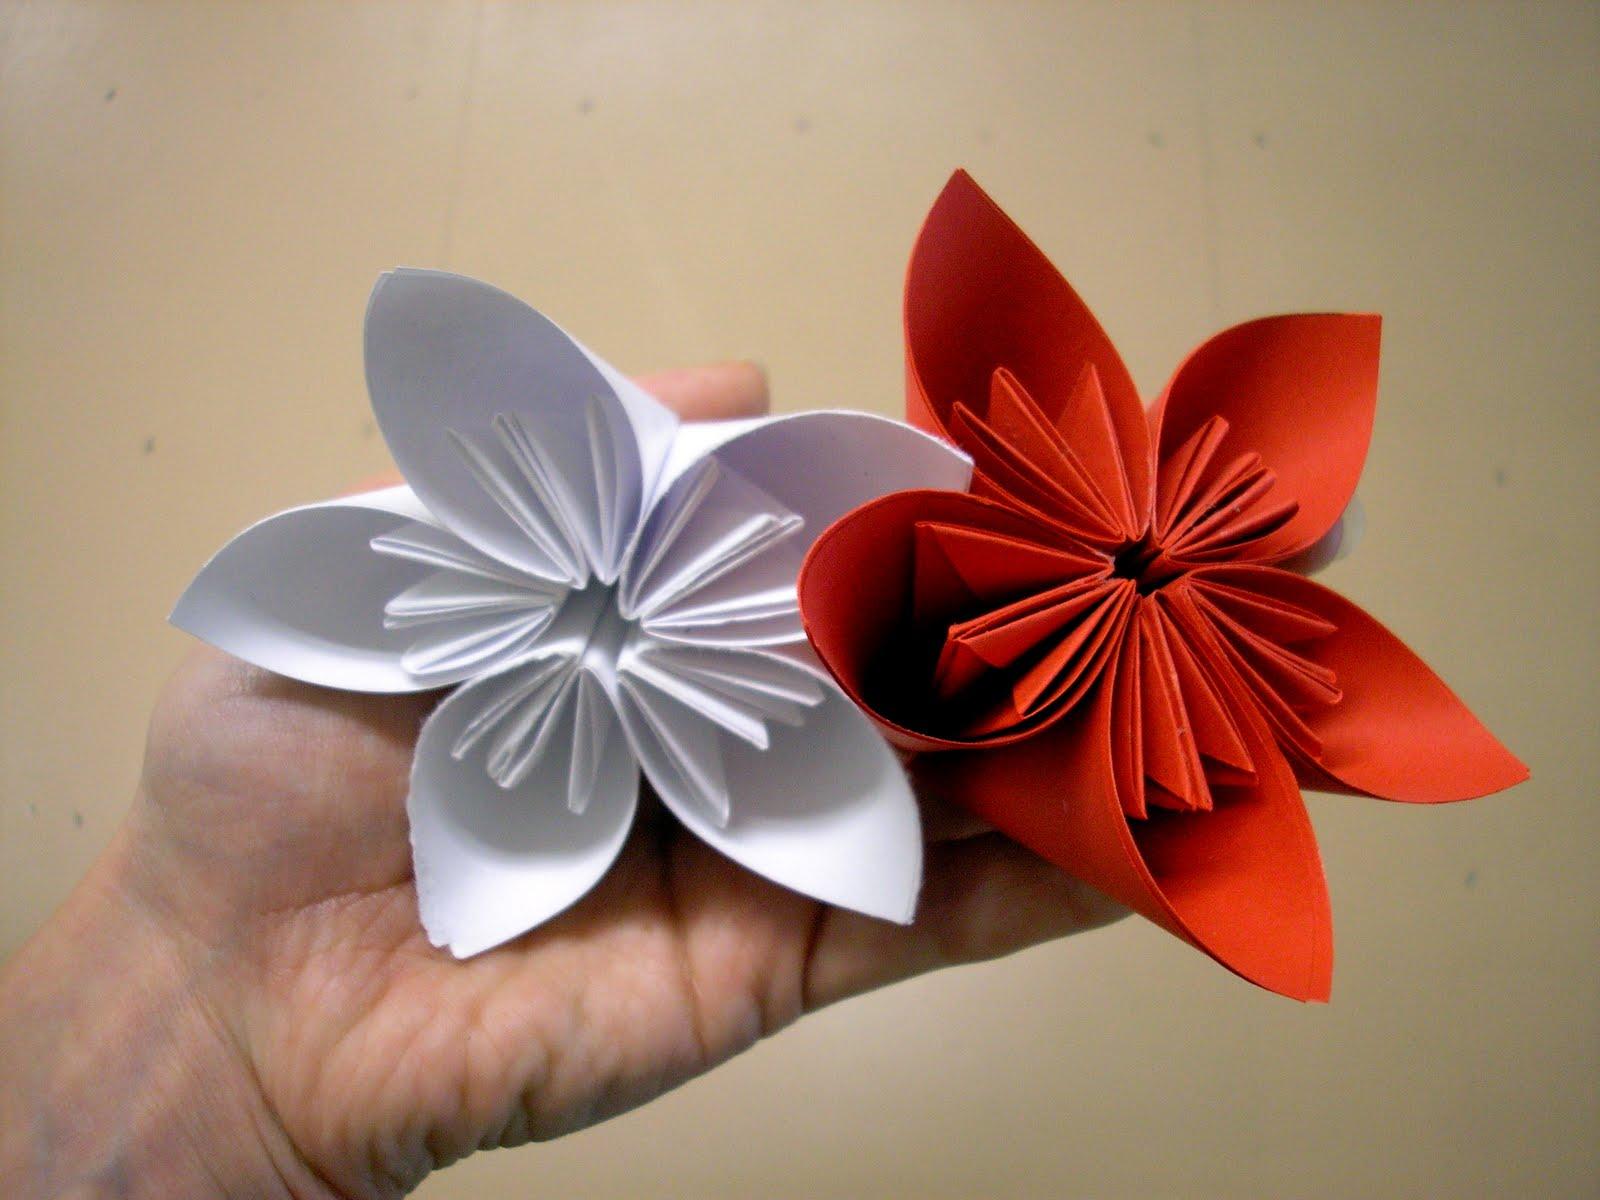 wel e home Origami Flower Class